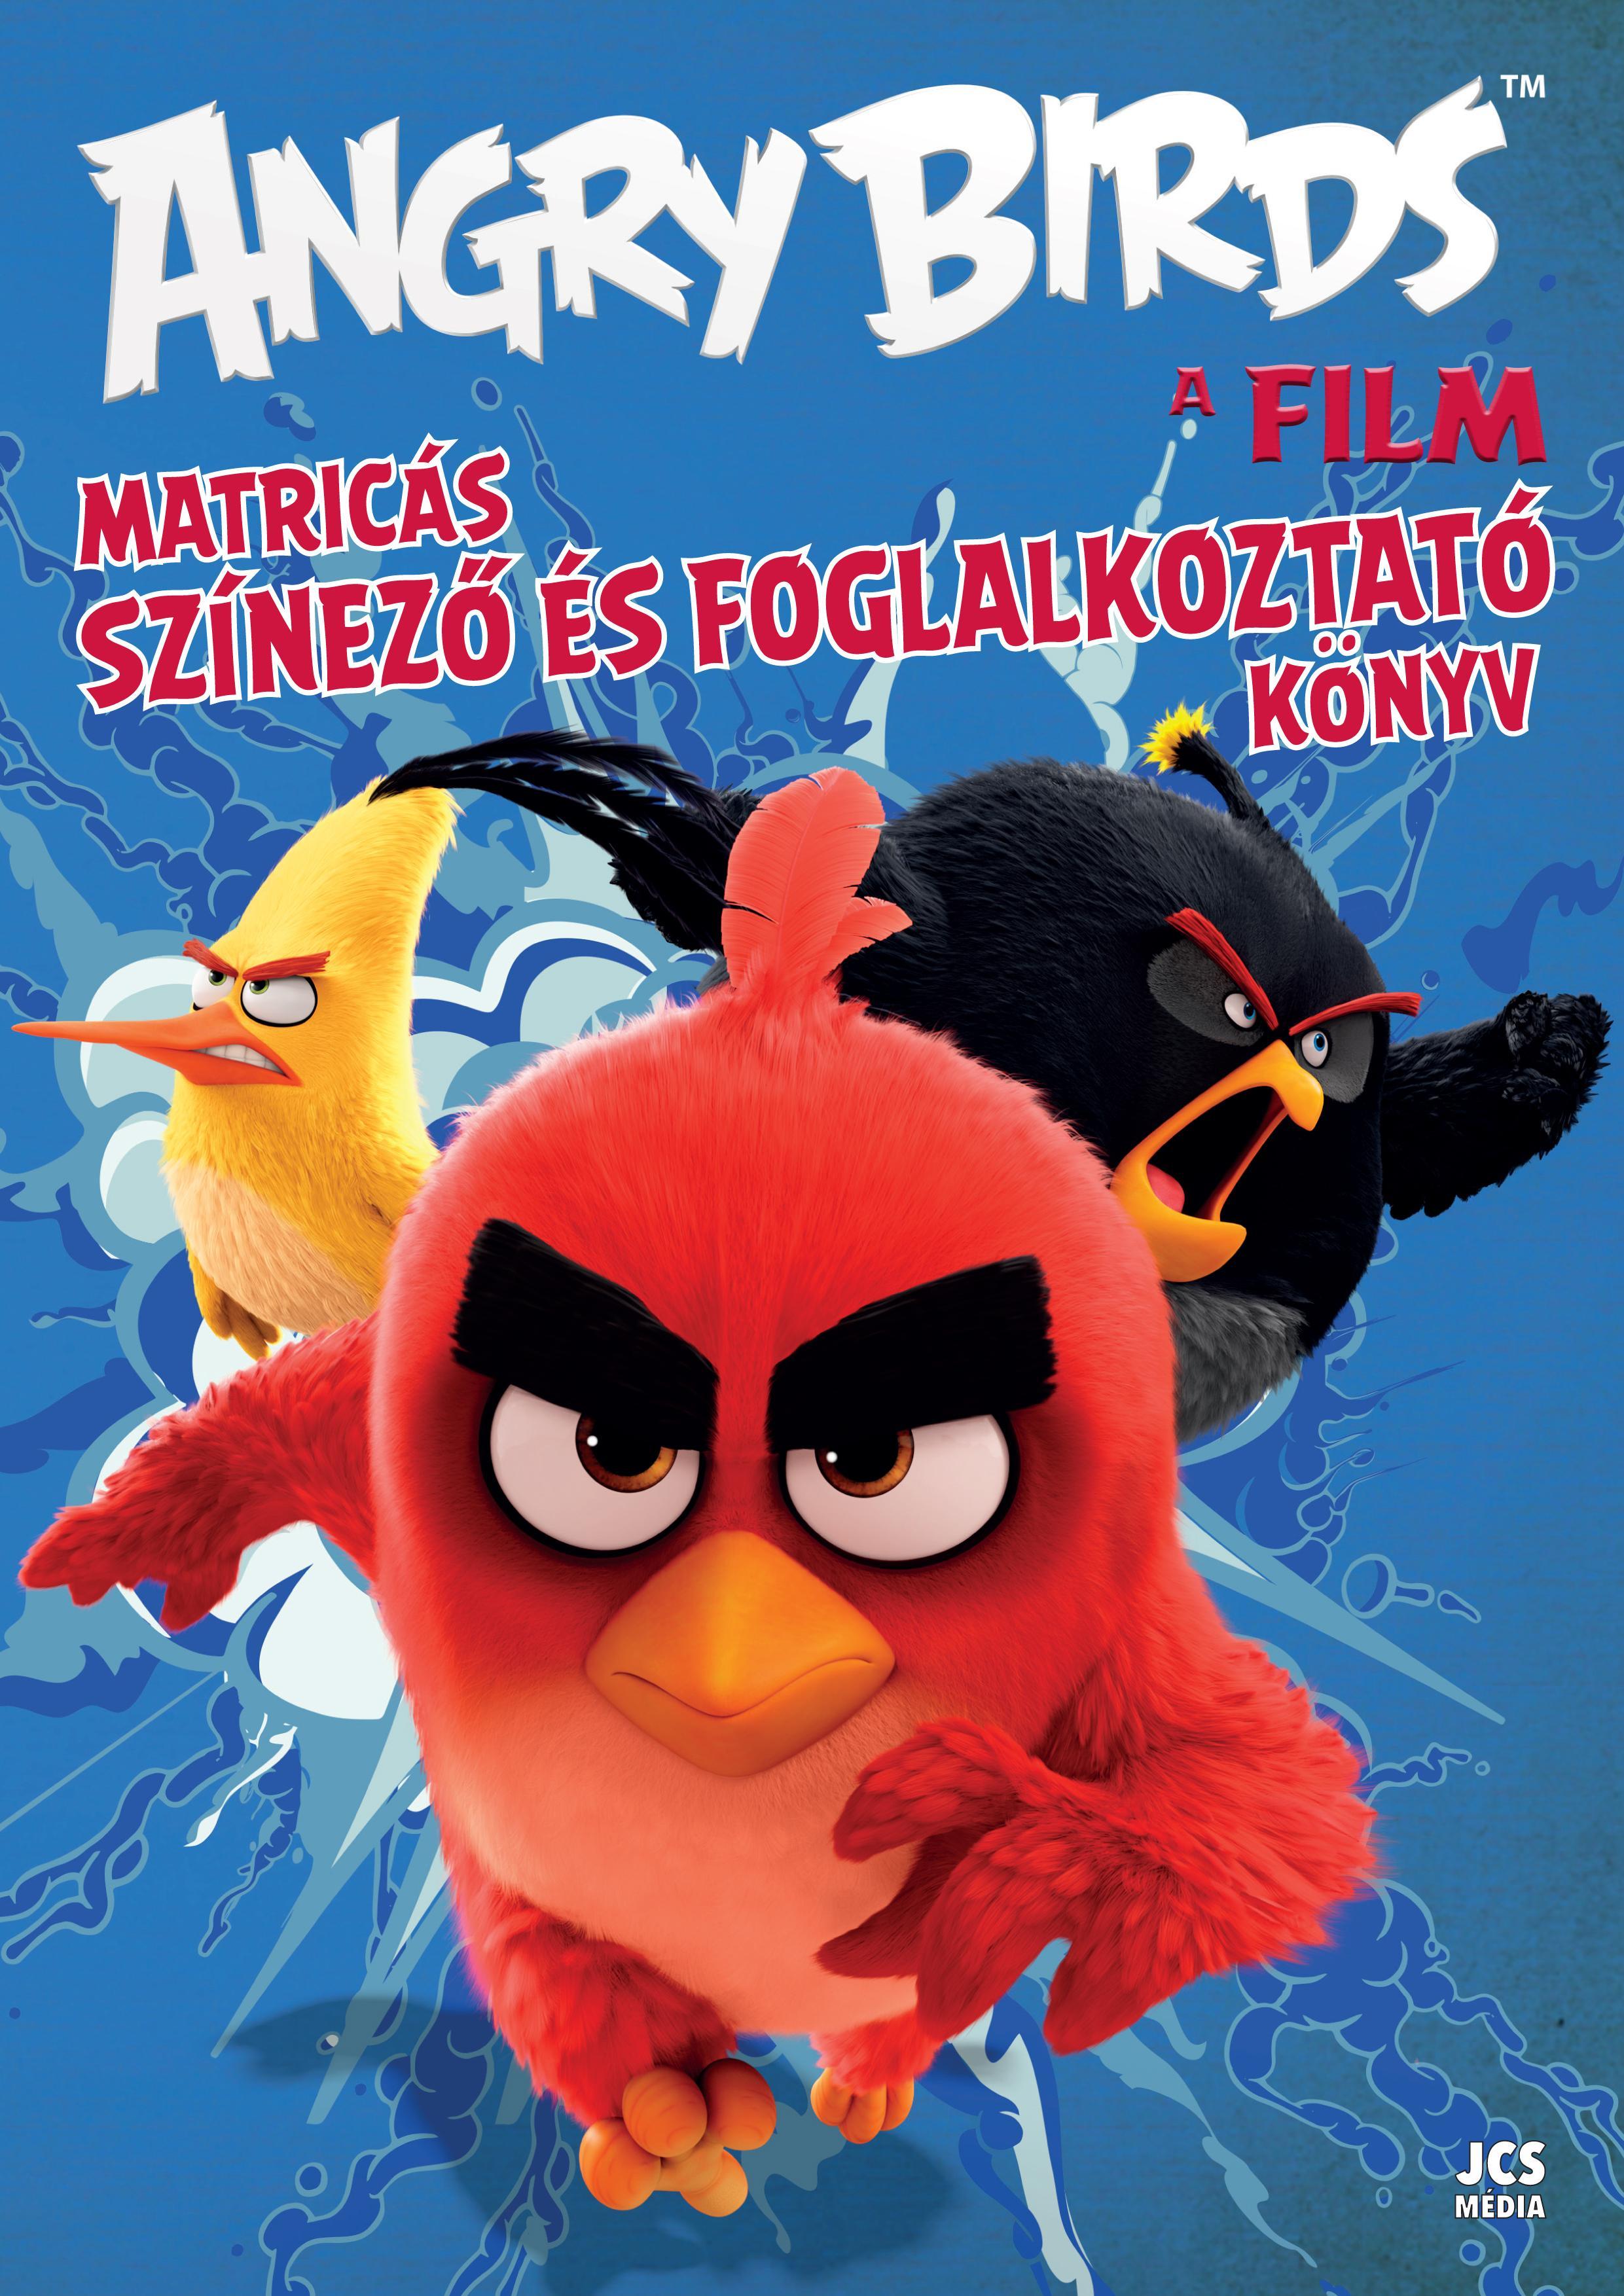 ANGRY BIRDS A FILM - MATRICÁS SZÍNEZÕ ÉS FOGLALKOZTATÓ KÖNYV